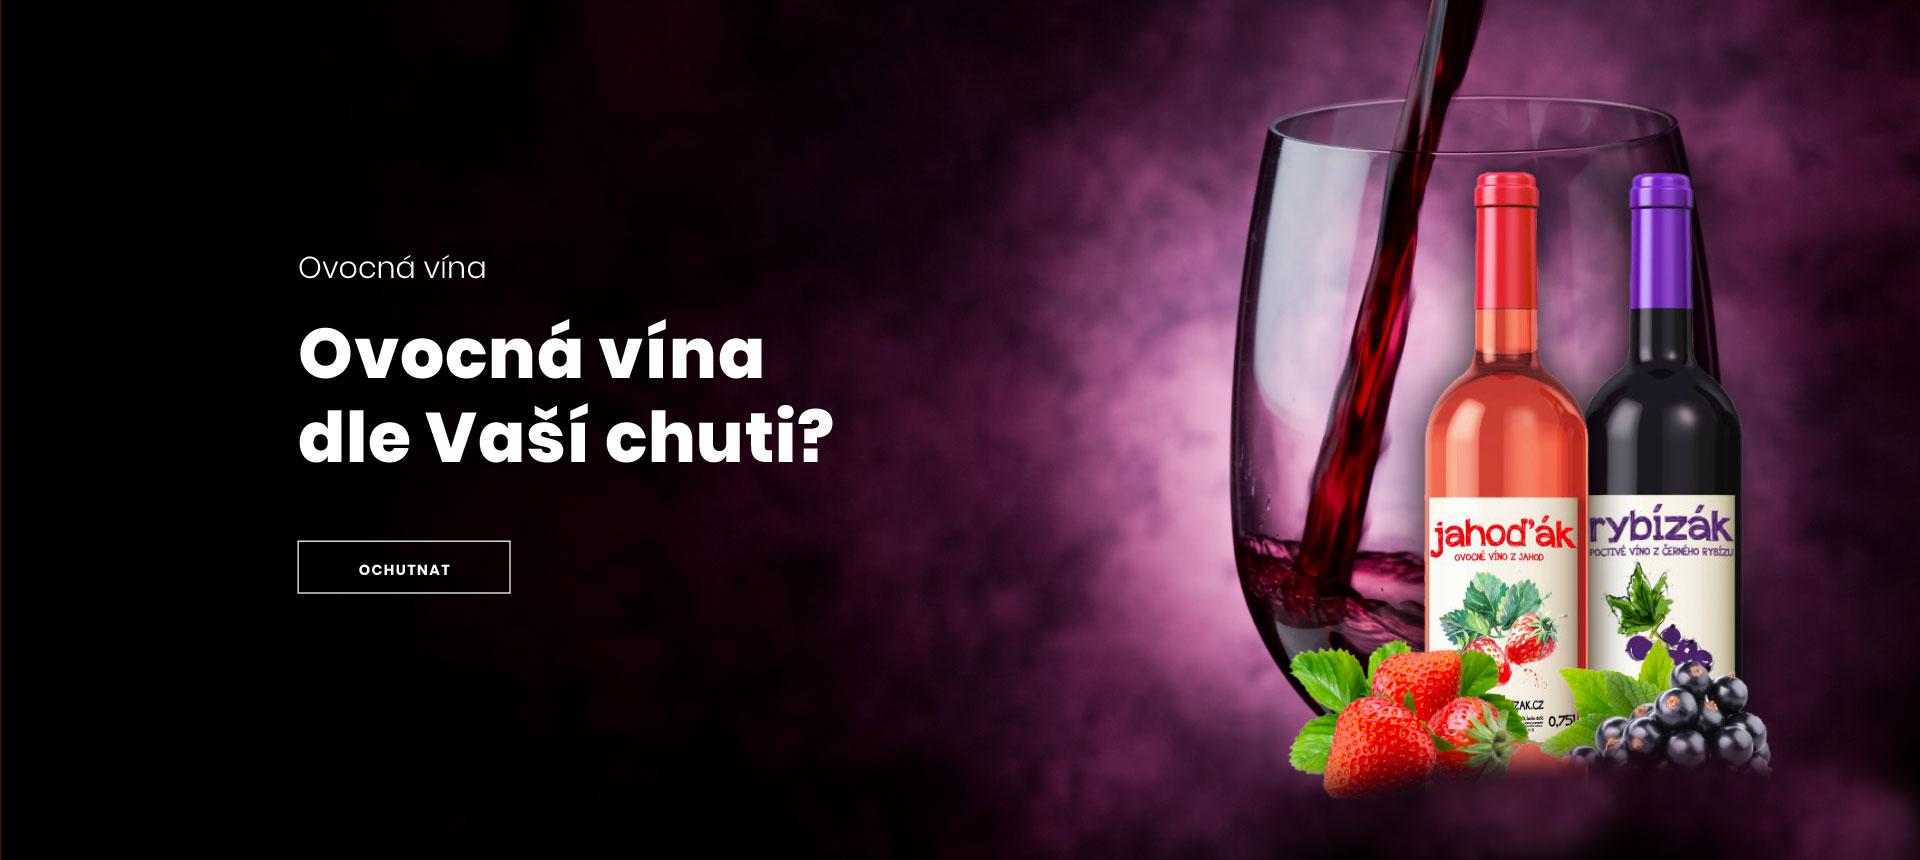 Ovocná vína. Ovocná vína dle Vaší chuti?